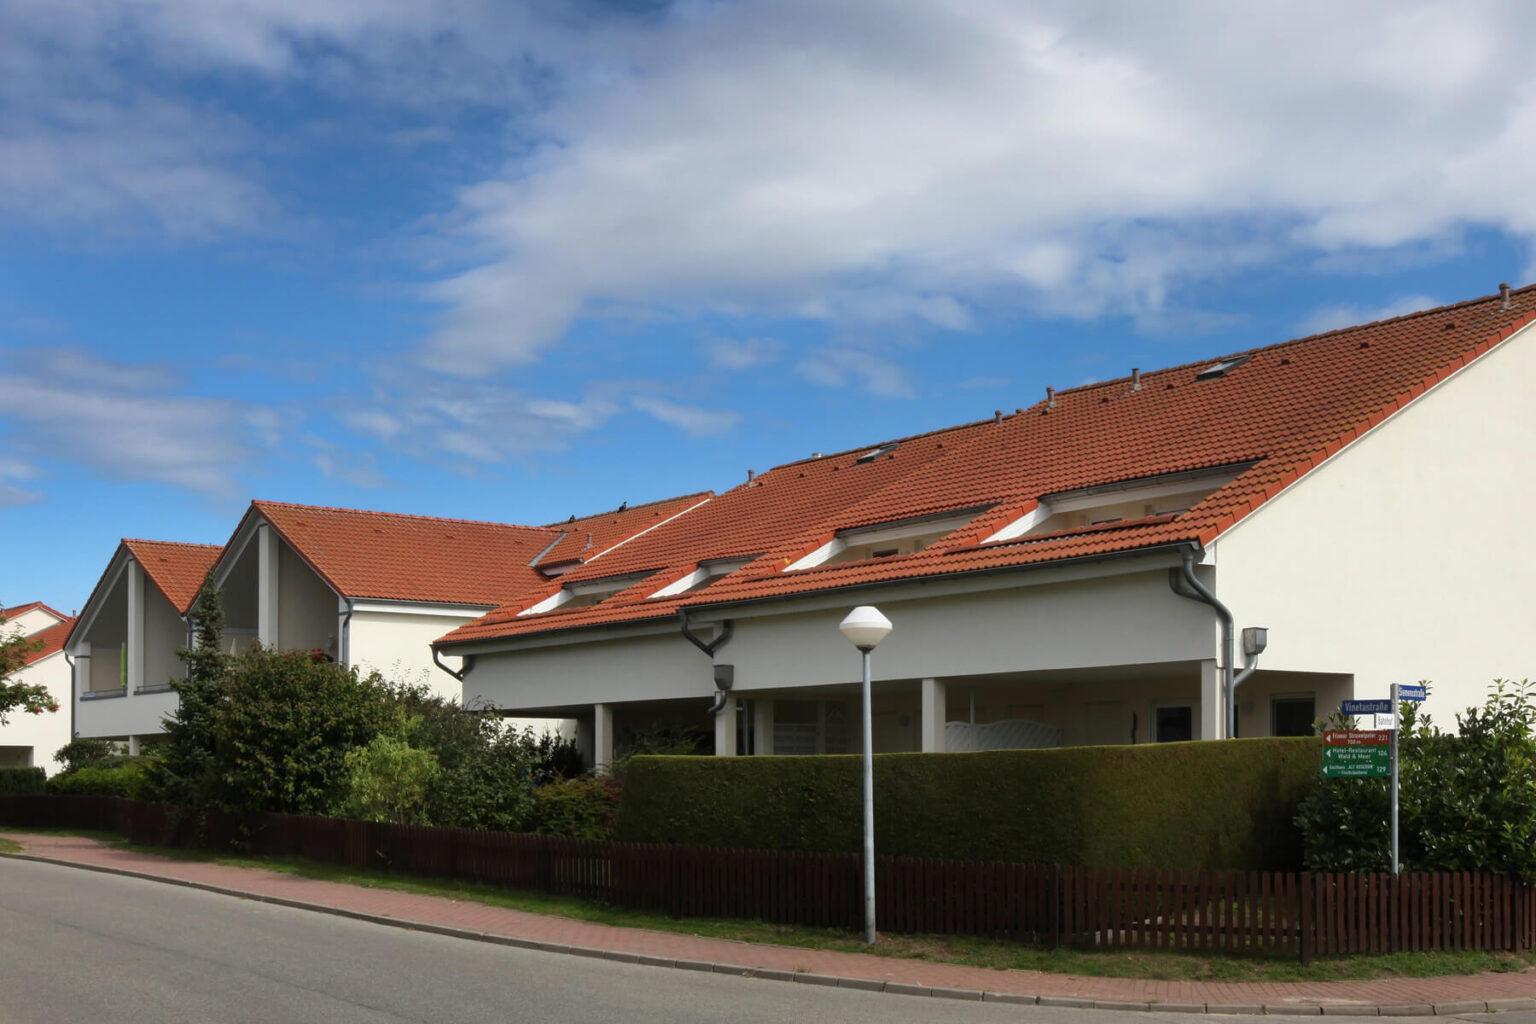 Verwaltung von Mietwohnungen aus Usedom